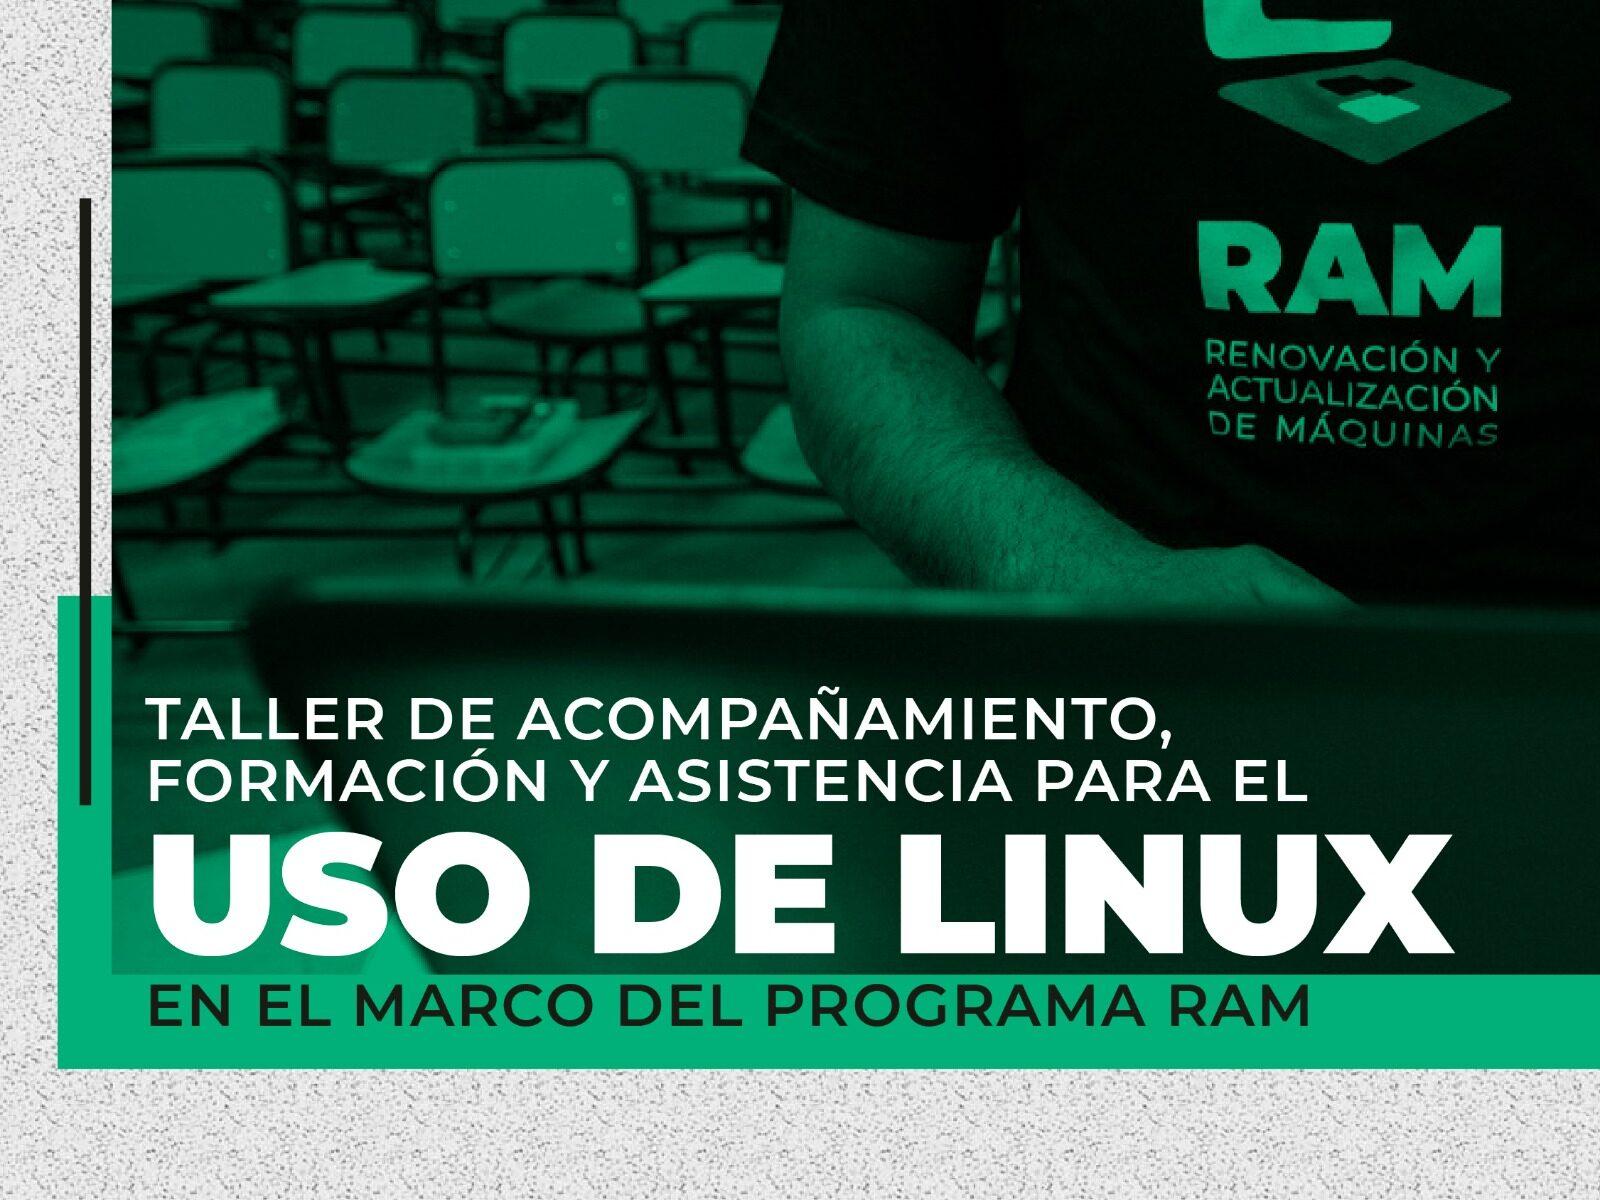 USO DE LINUX | Taller En El Marco Del Programa RAM